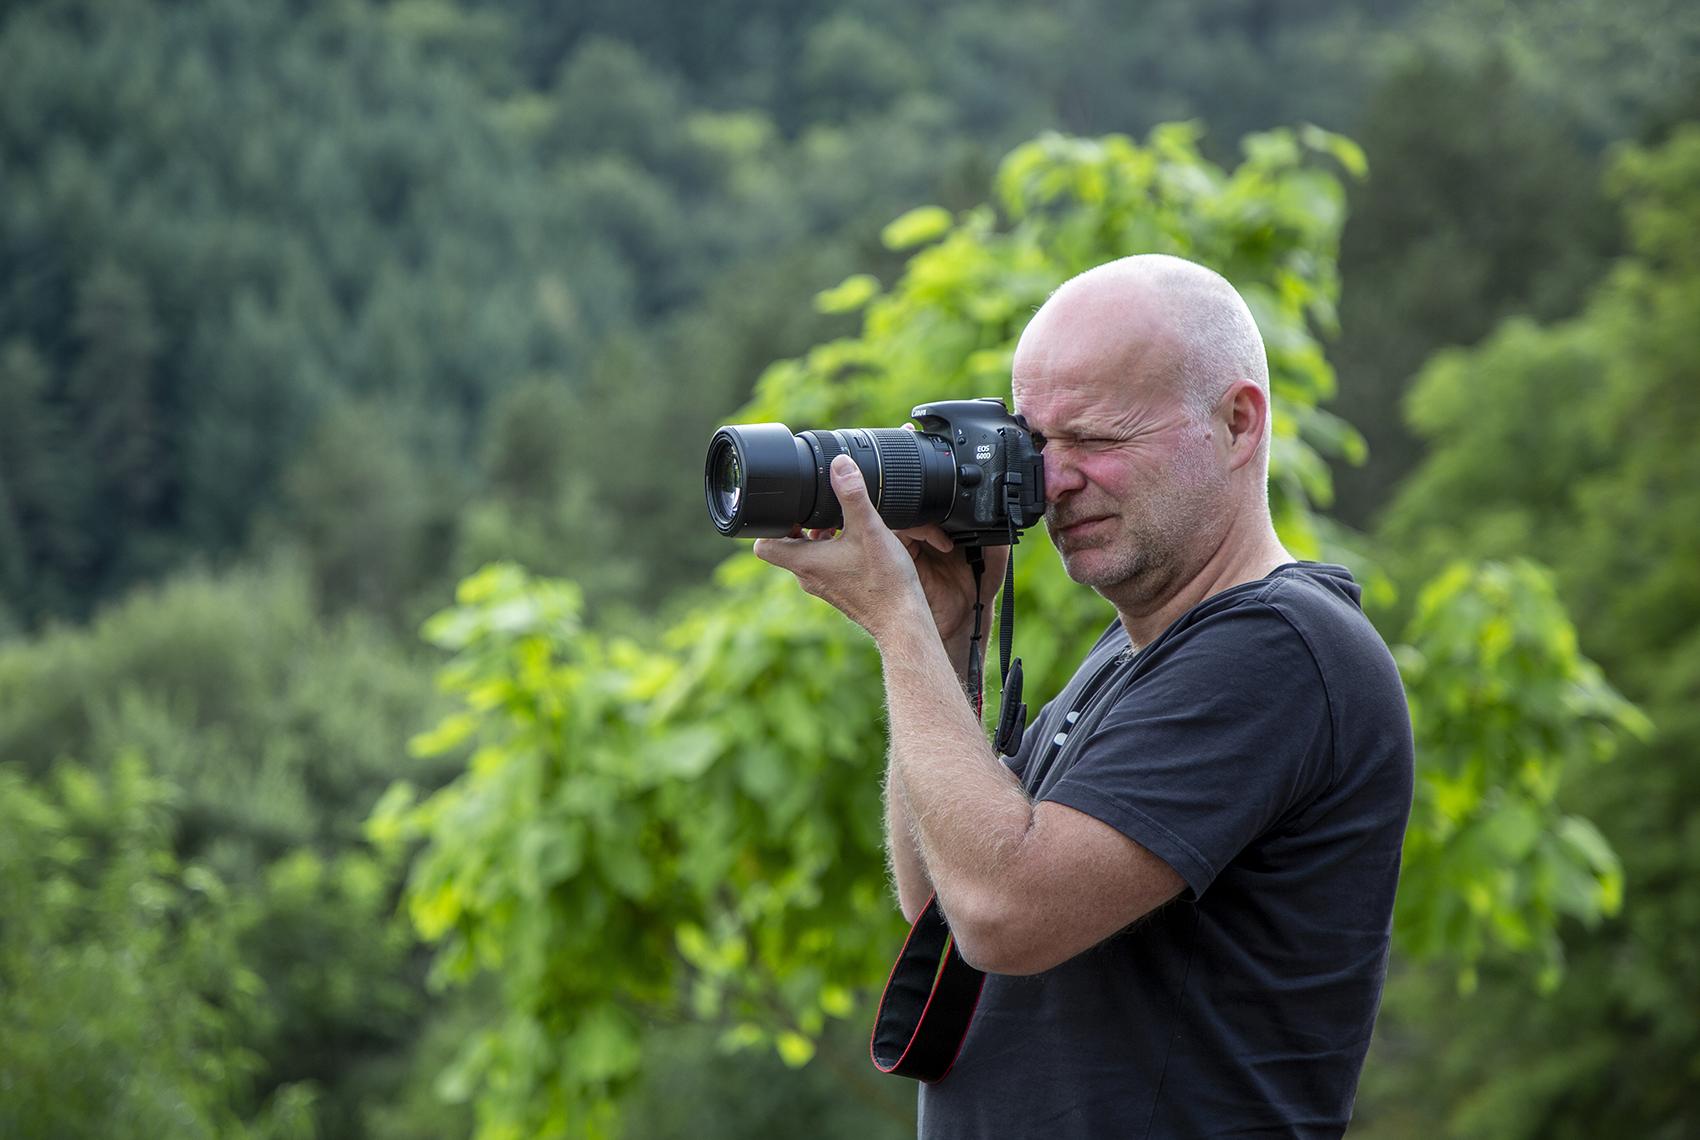 Persoonlijke doelen Fotografiecursus Frankrijk